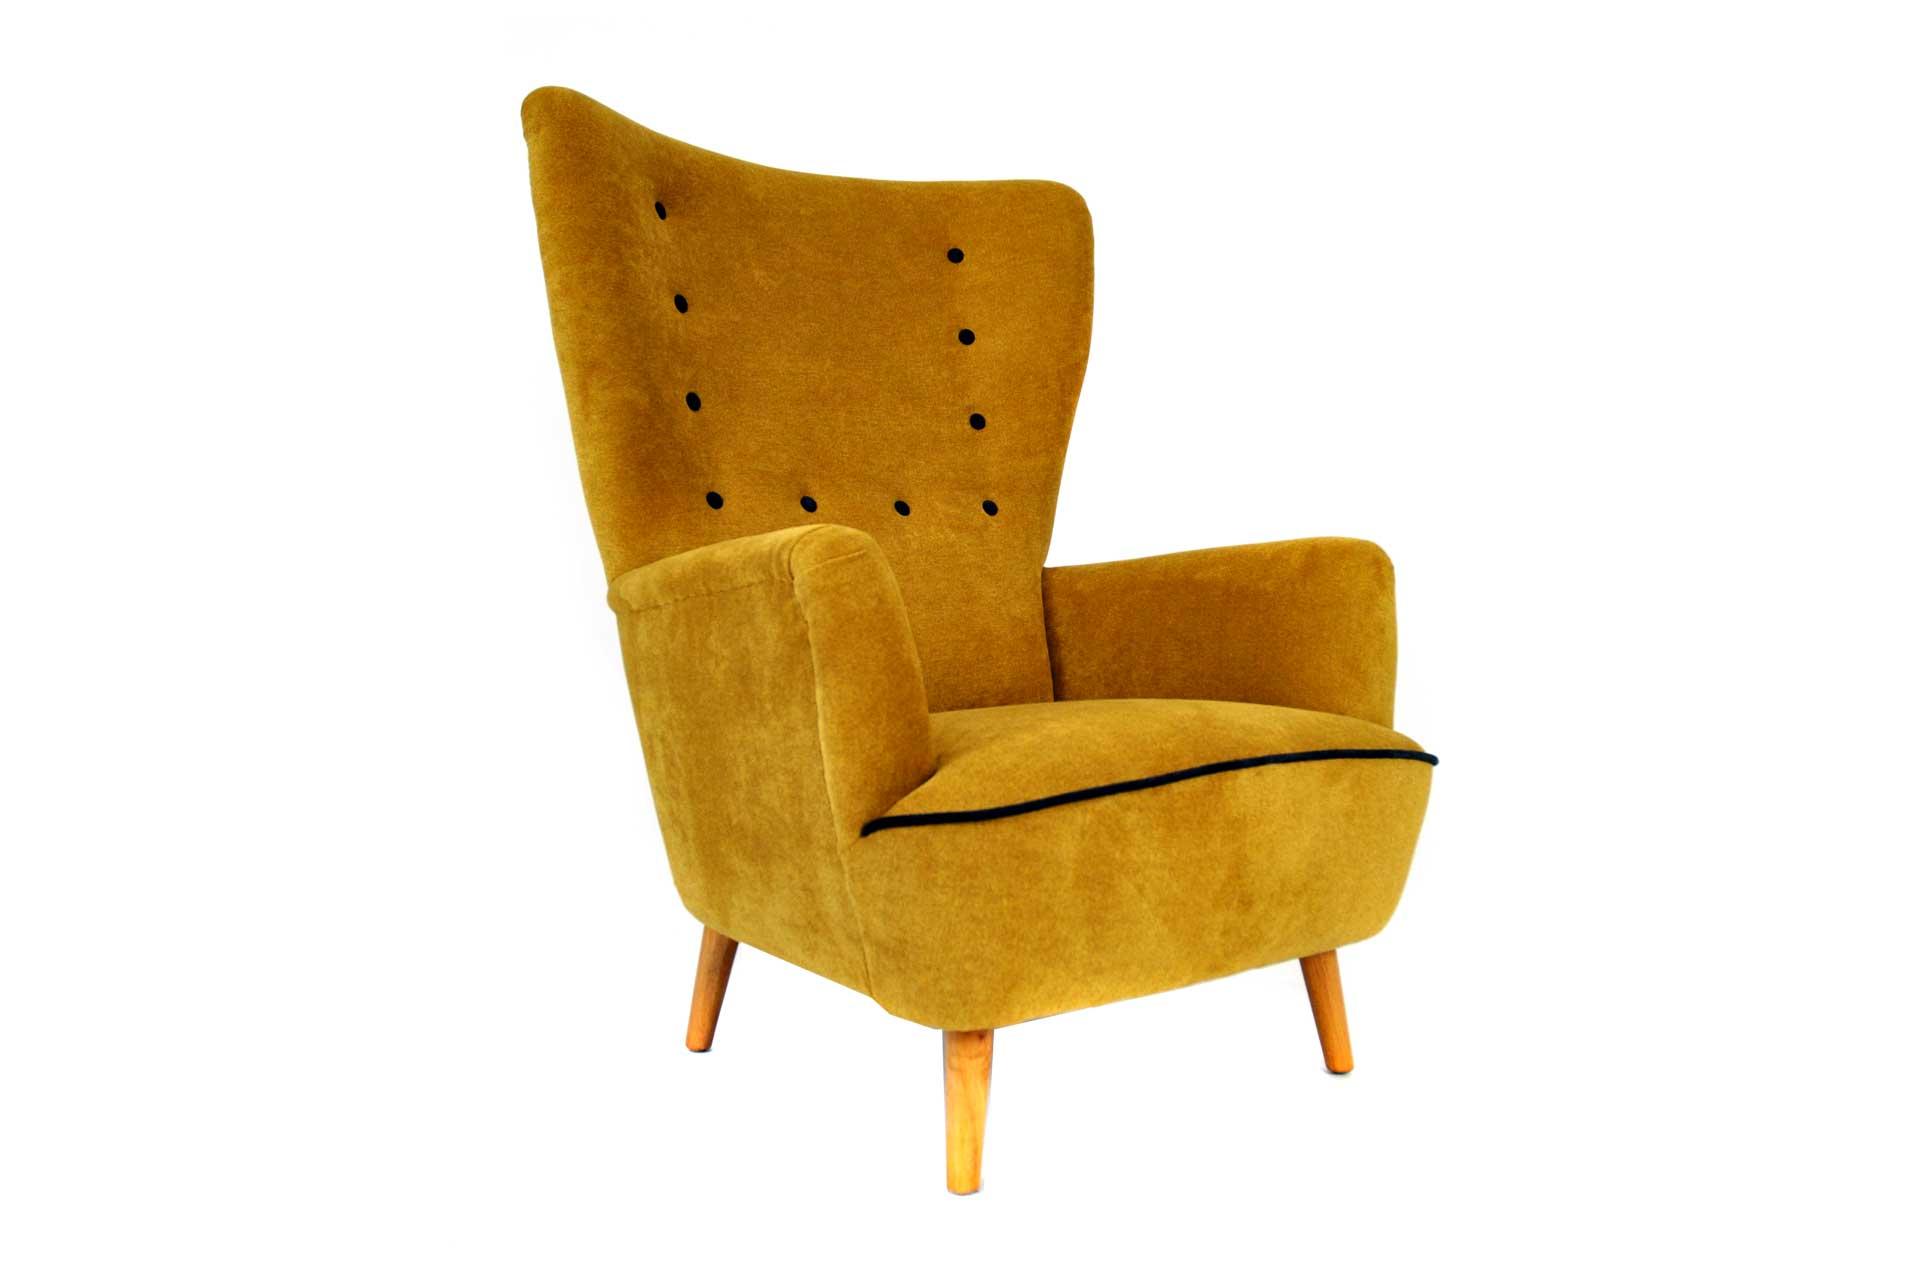 Lichterloh fauteuil sterreich for Ohrensessel 1950